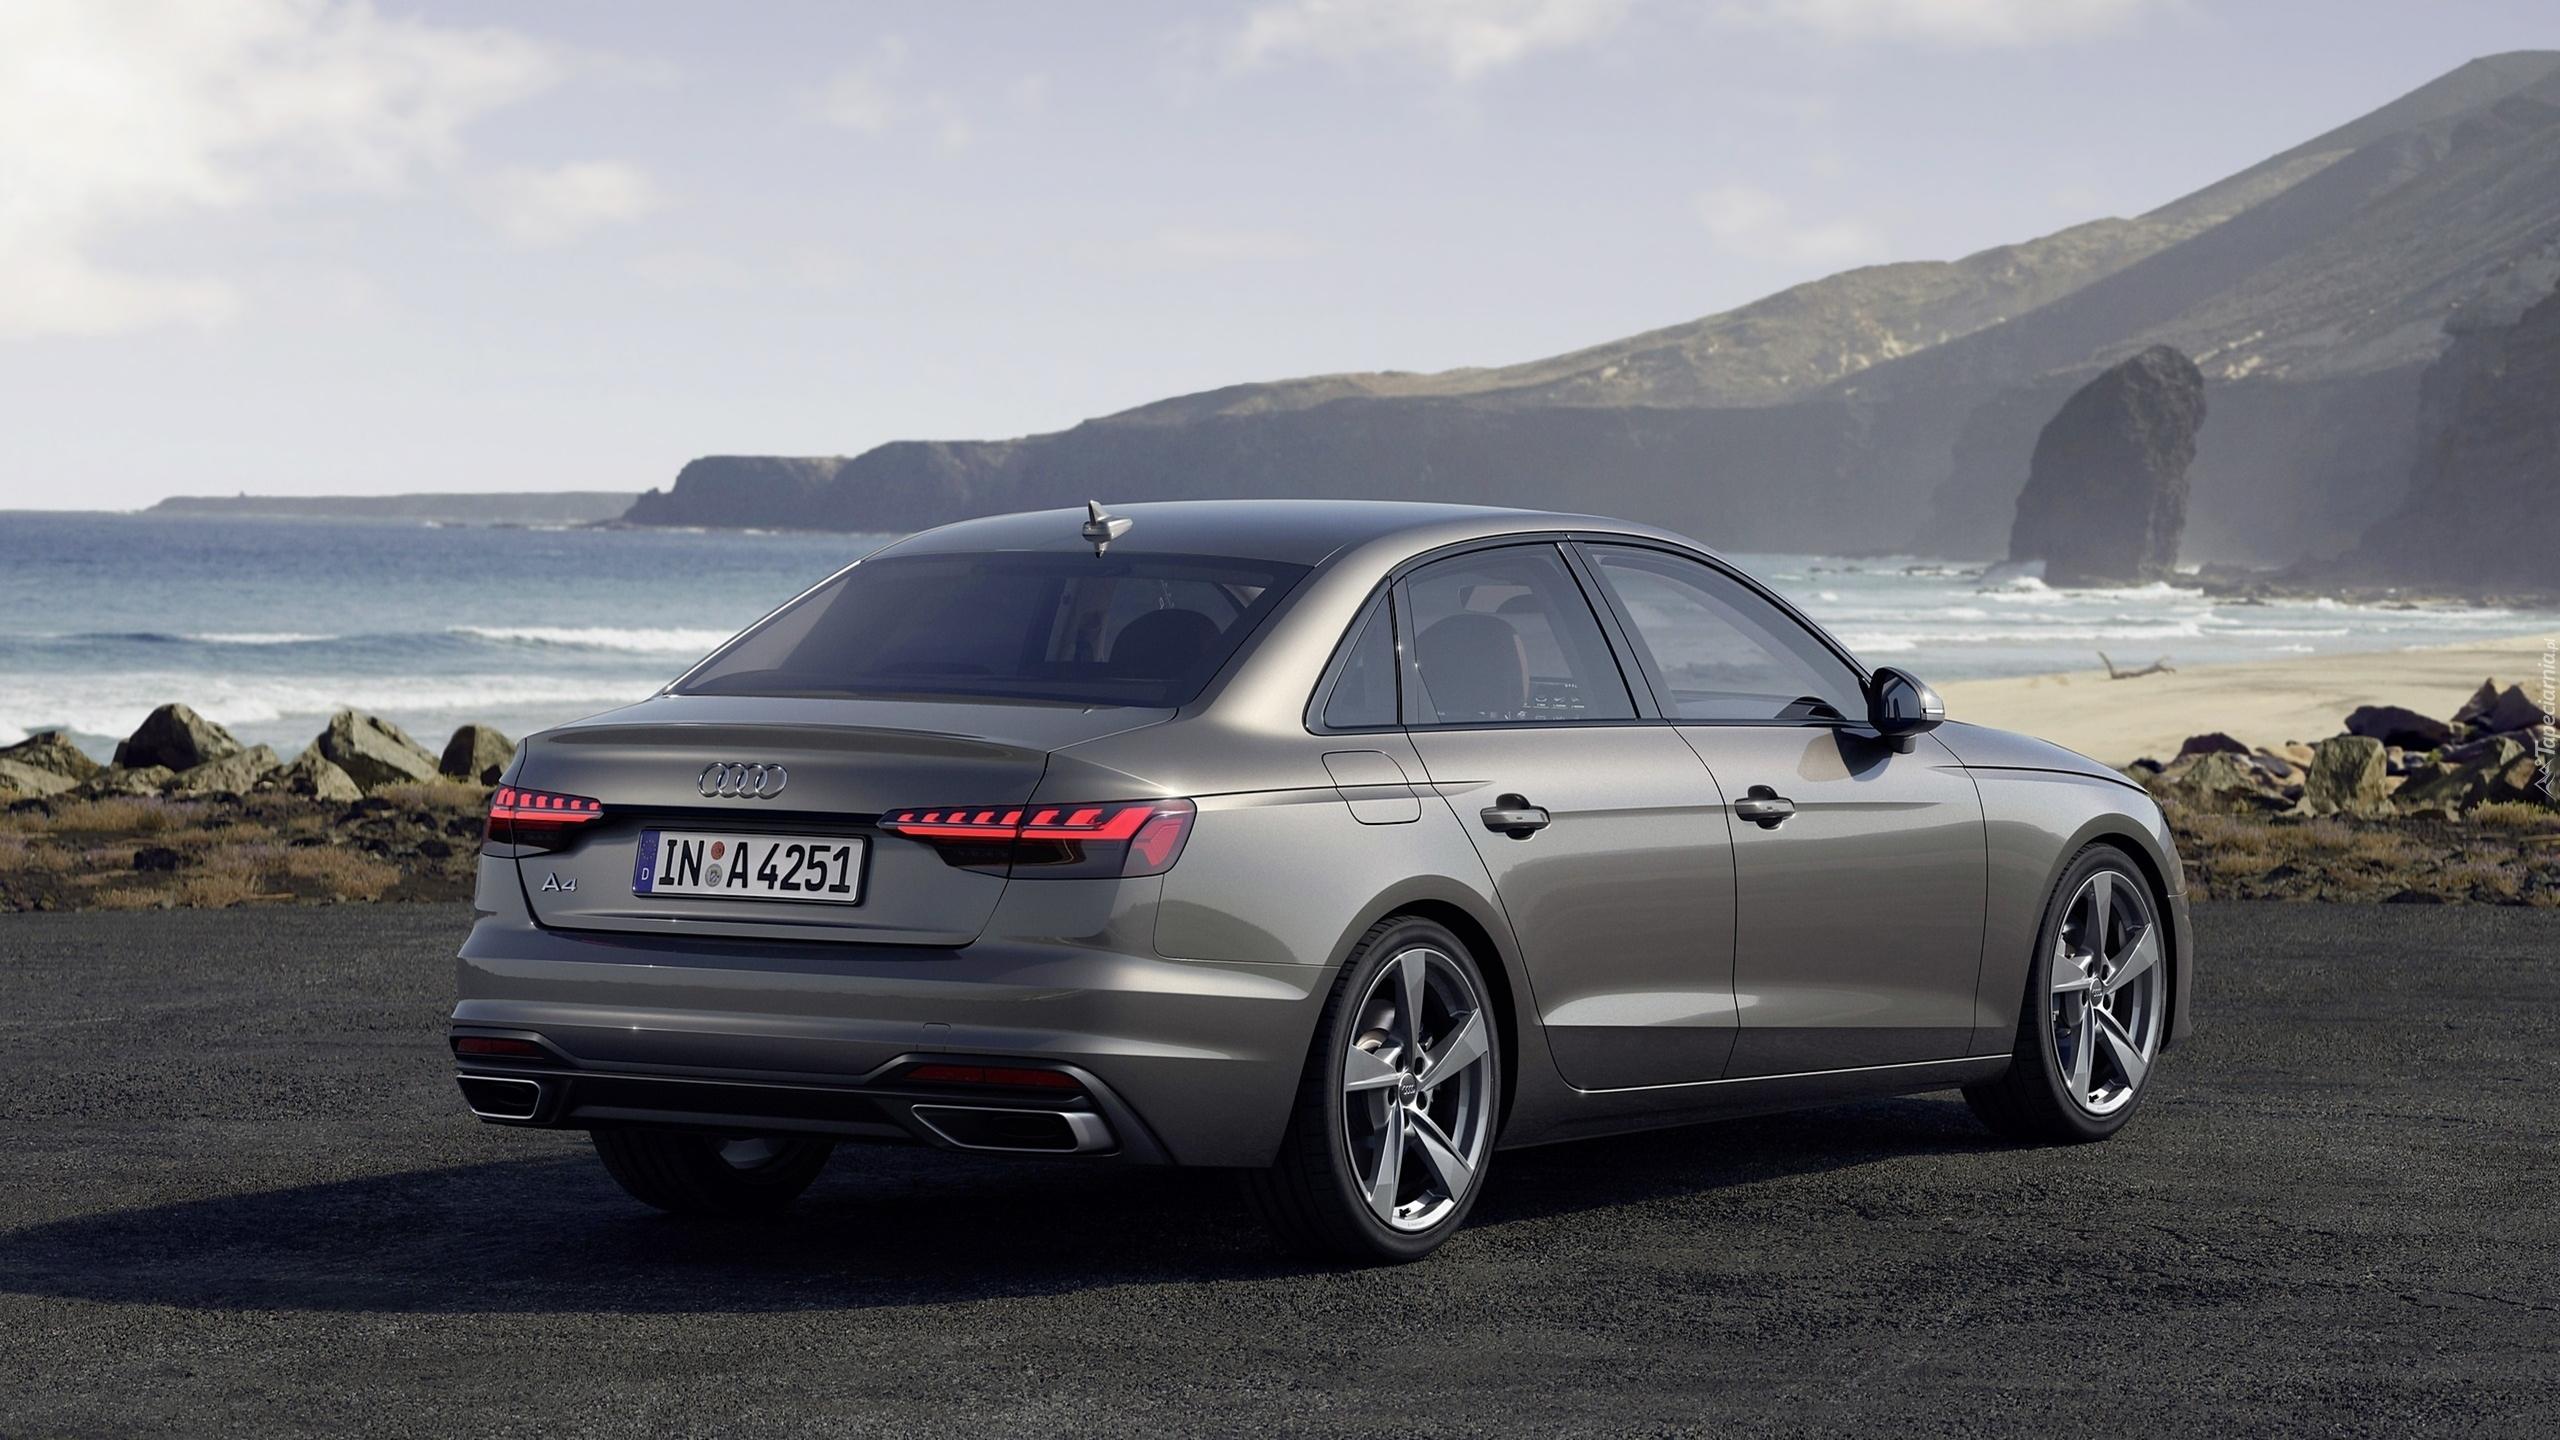 Wspaniały Tył Audi A4 RW23